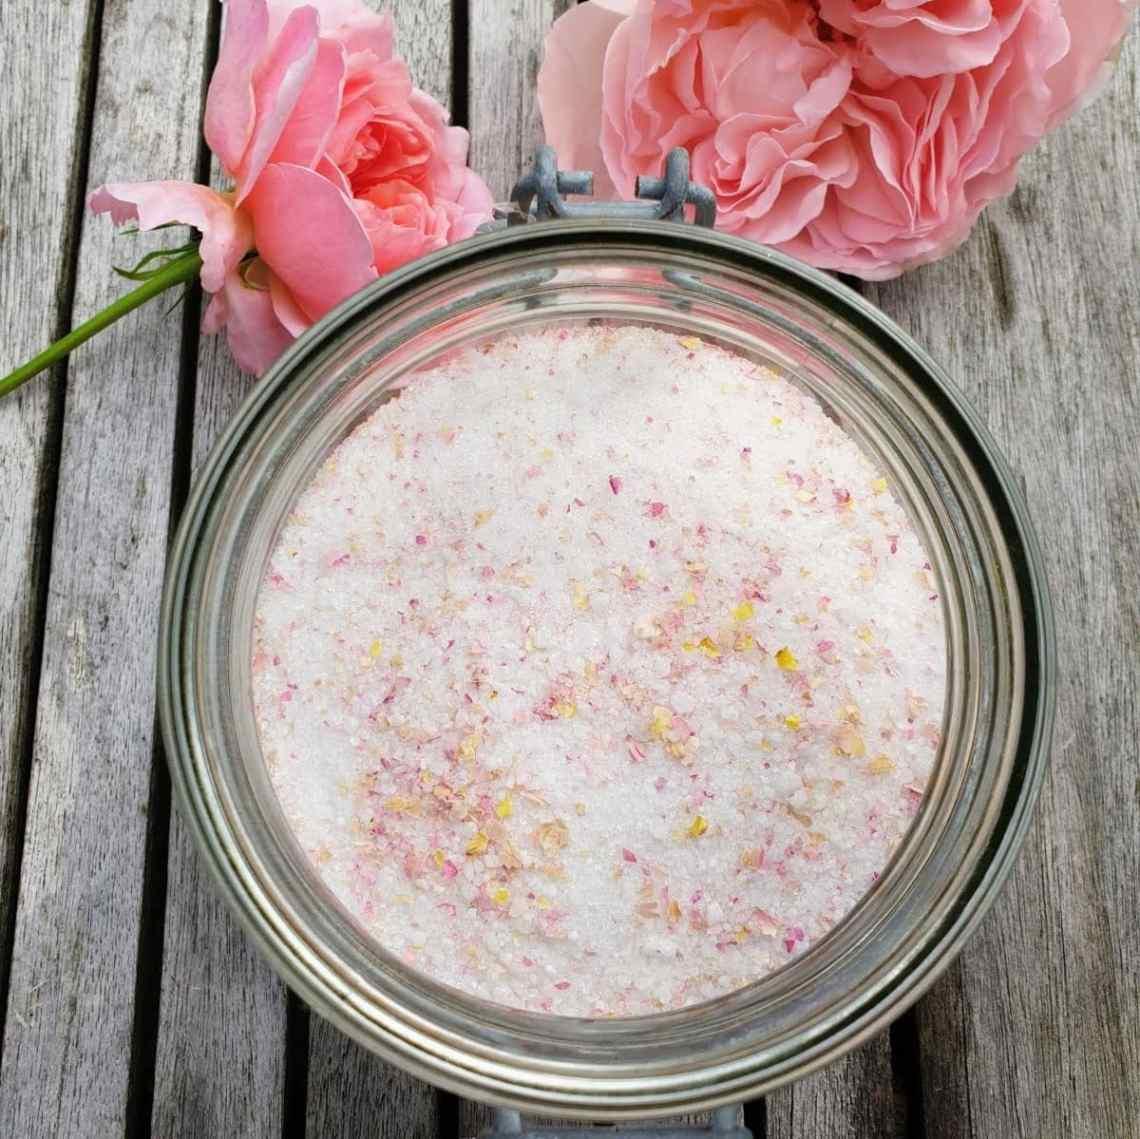 Lav et lækkert velsmagende rosensukker. Rosensukkeret er en koncentreret bombe af velsmag, perfekt til pandekager, marengs, flødeboller, til saftevand/sodavand, i drinks, te, iste, desserter, is og i (lag)kager. Find opskrifter, gratis print og inspiration til årets gang på danishthings.com